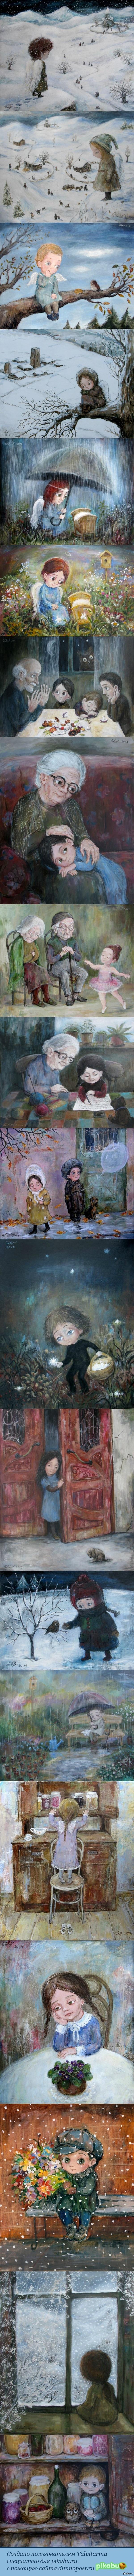 Нино Чакветадзе. Картины, которые возвращают в детство 2.0 Моя вторая попытка создать длиннопост о картинах необыкновенной грузинской художницы, которые помогают очутиться в доброй стране детства.